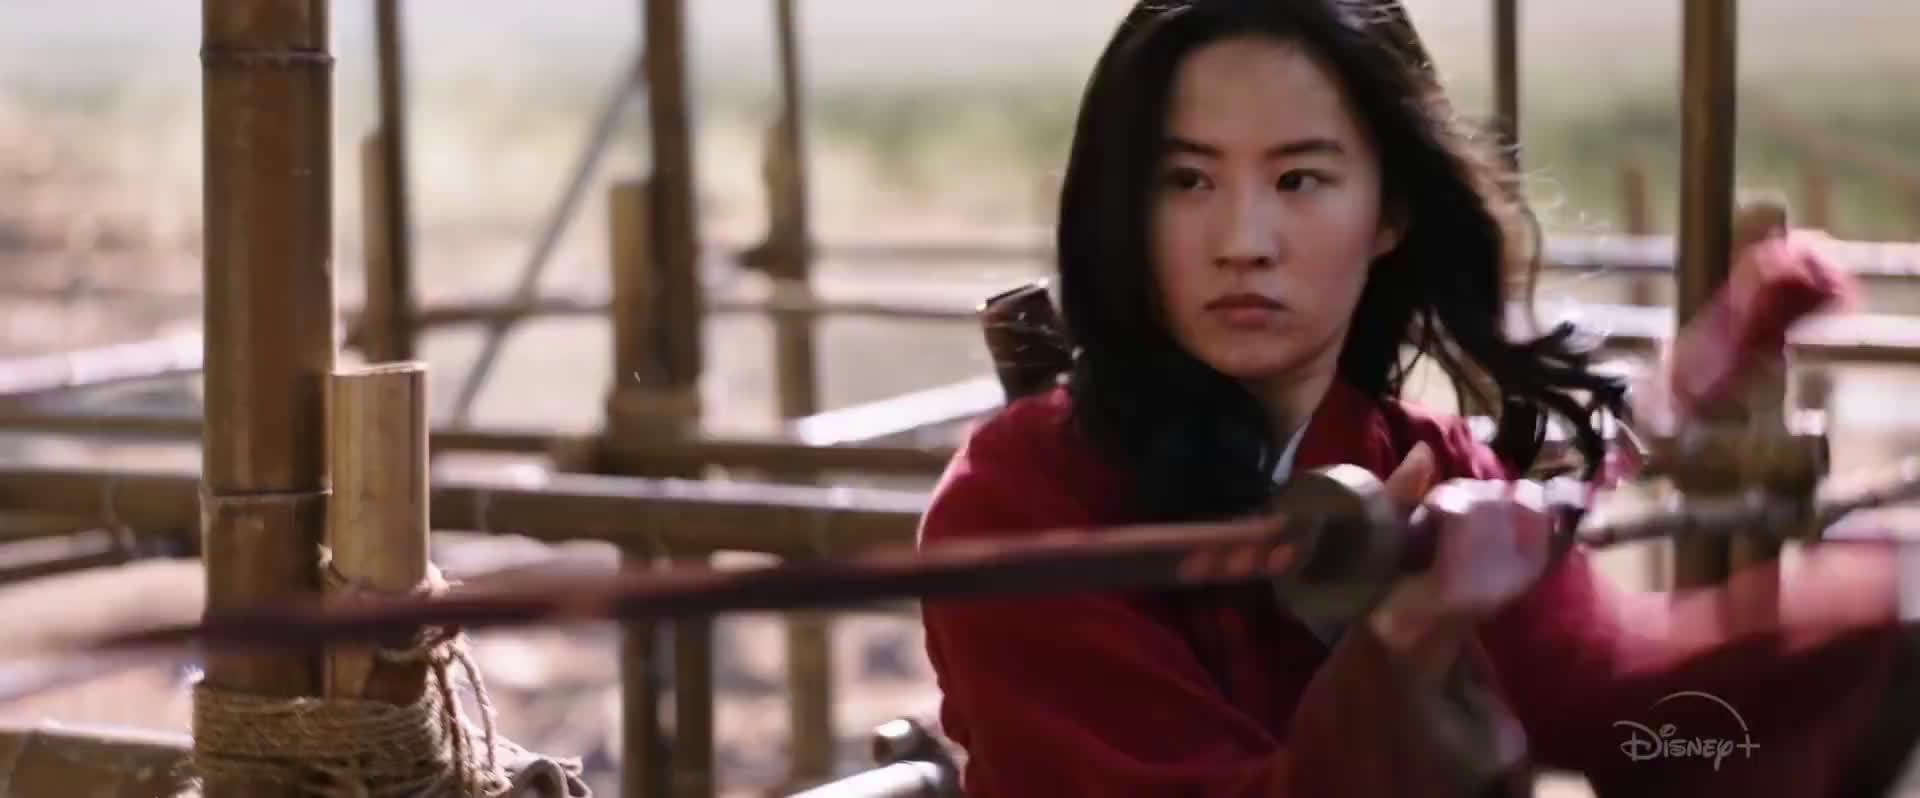 刘亦菲主演的《花木兰》发布新预告……